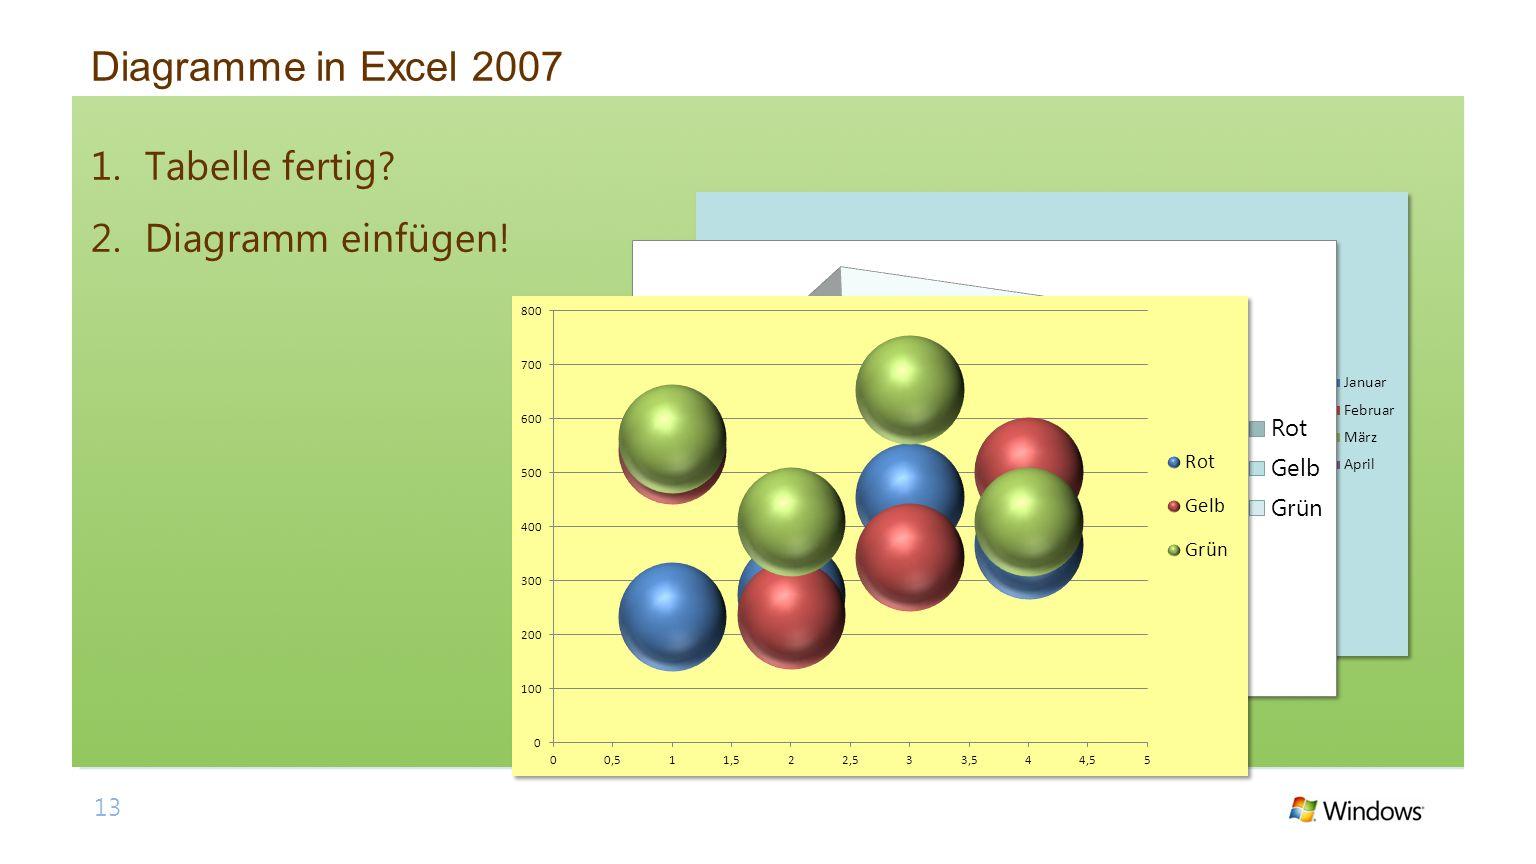 Diagramme in Excel 2007 Tabelle fertig Diagramm einfügen!